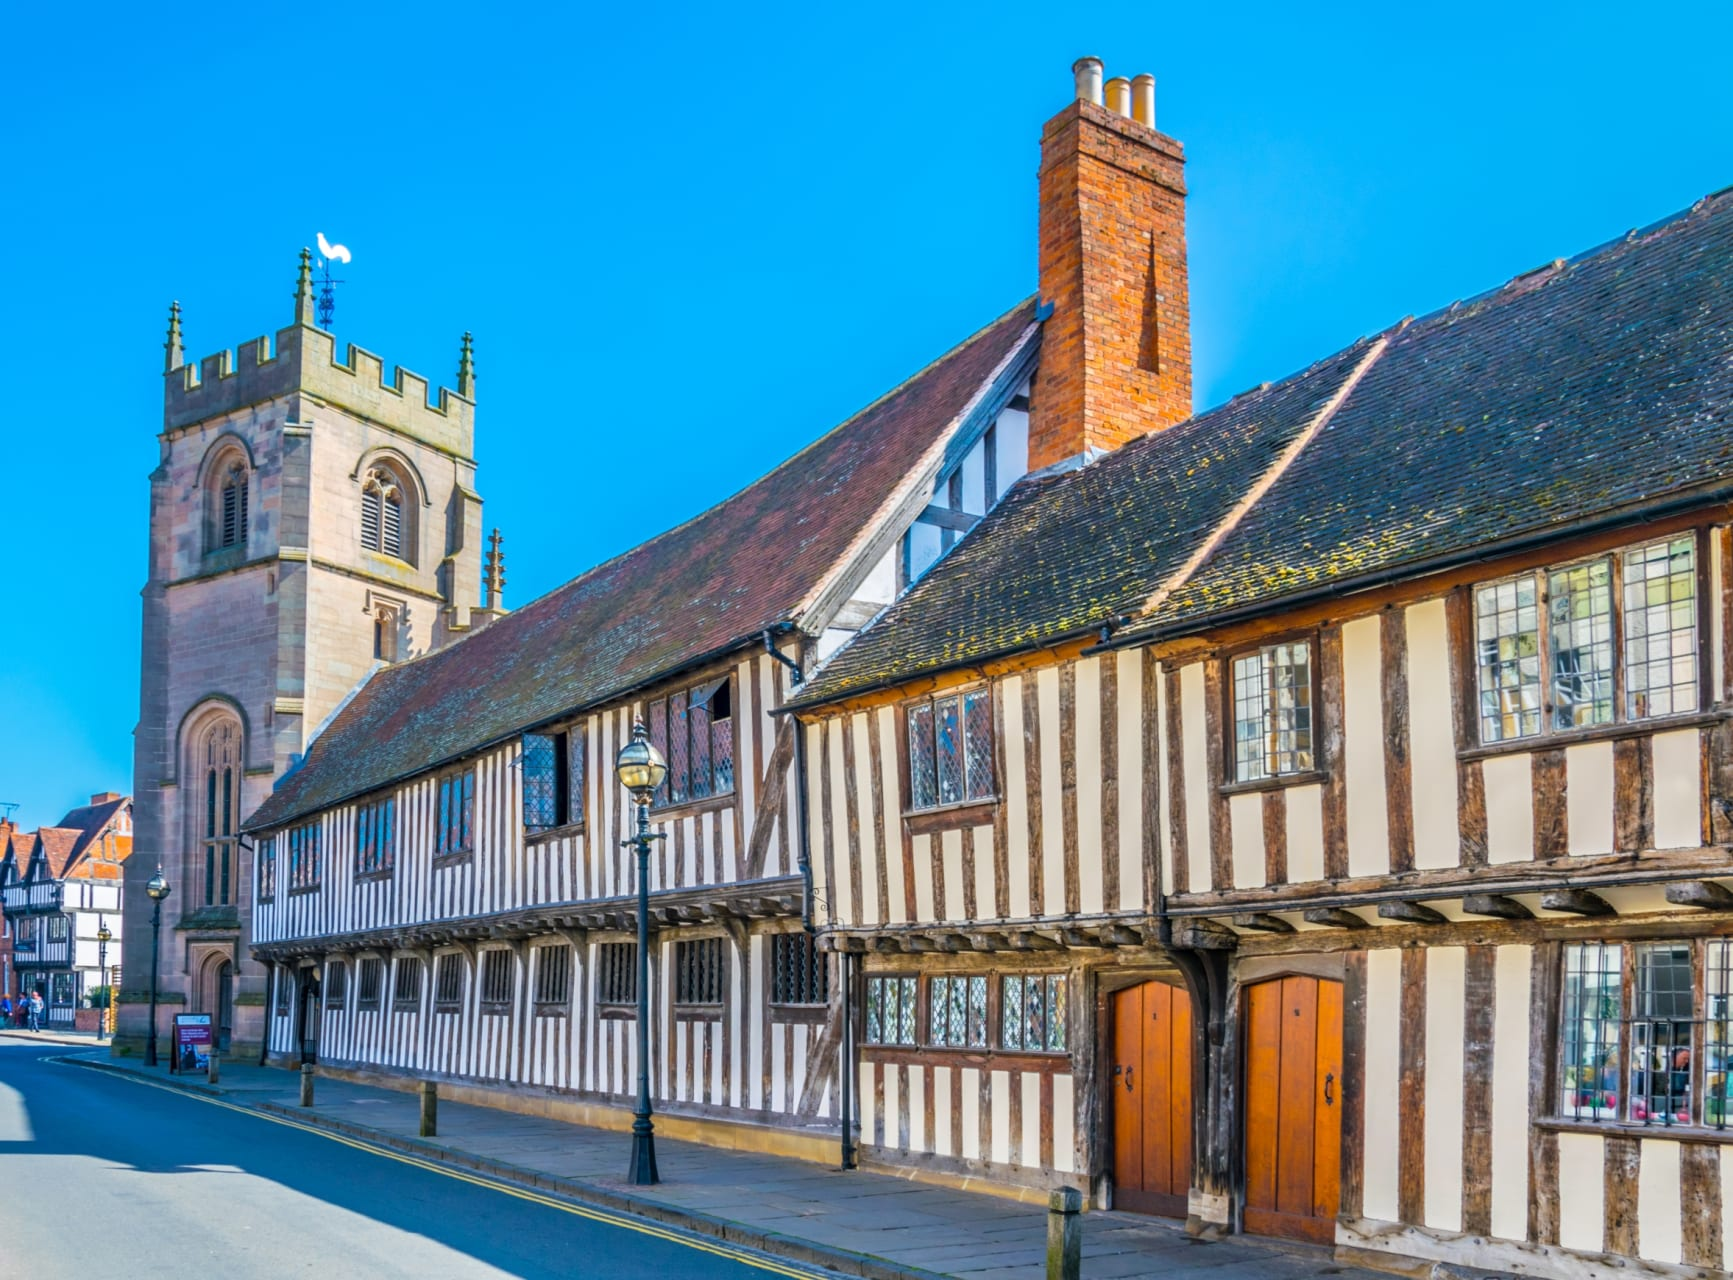 Stratford-upon-Avon - Stratford Upon Avon - Shakespeare...und mehr! (TOUR IN GERMAN)